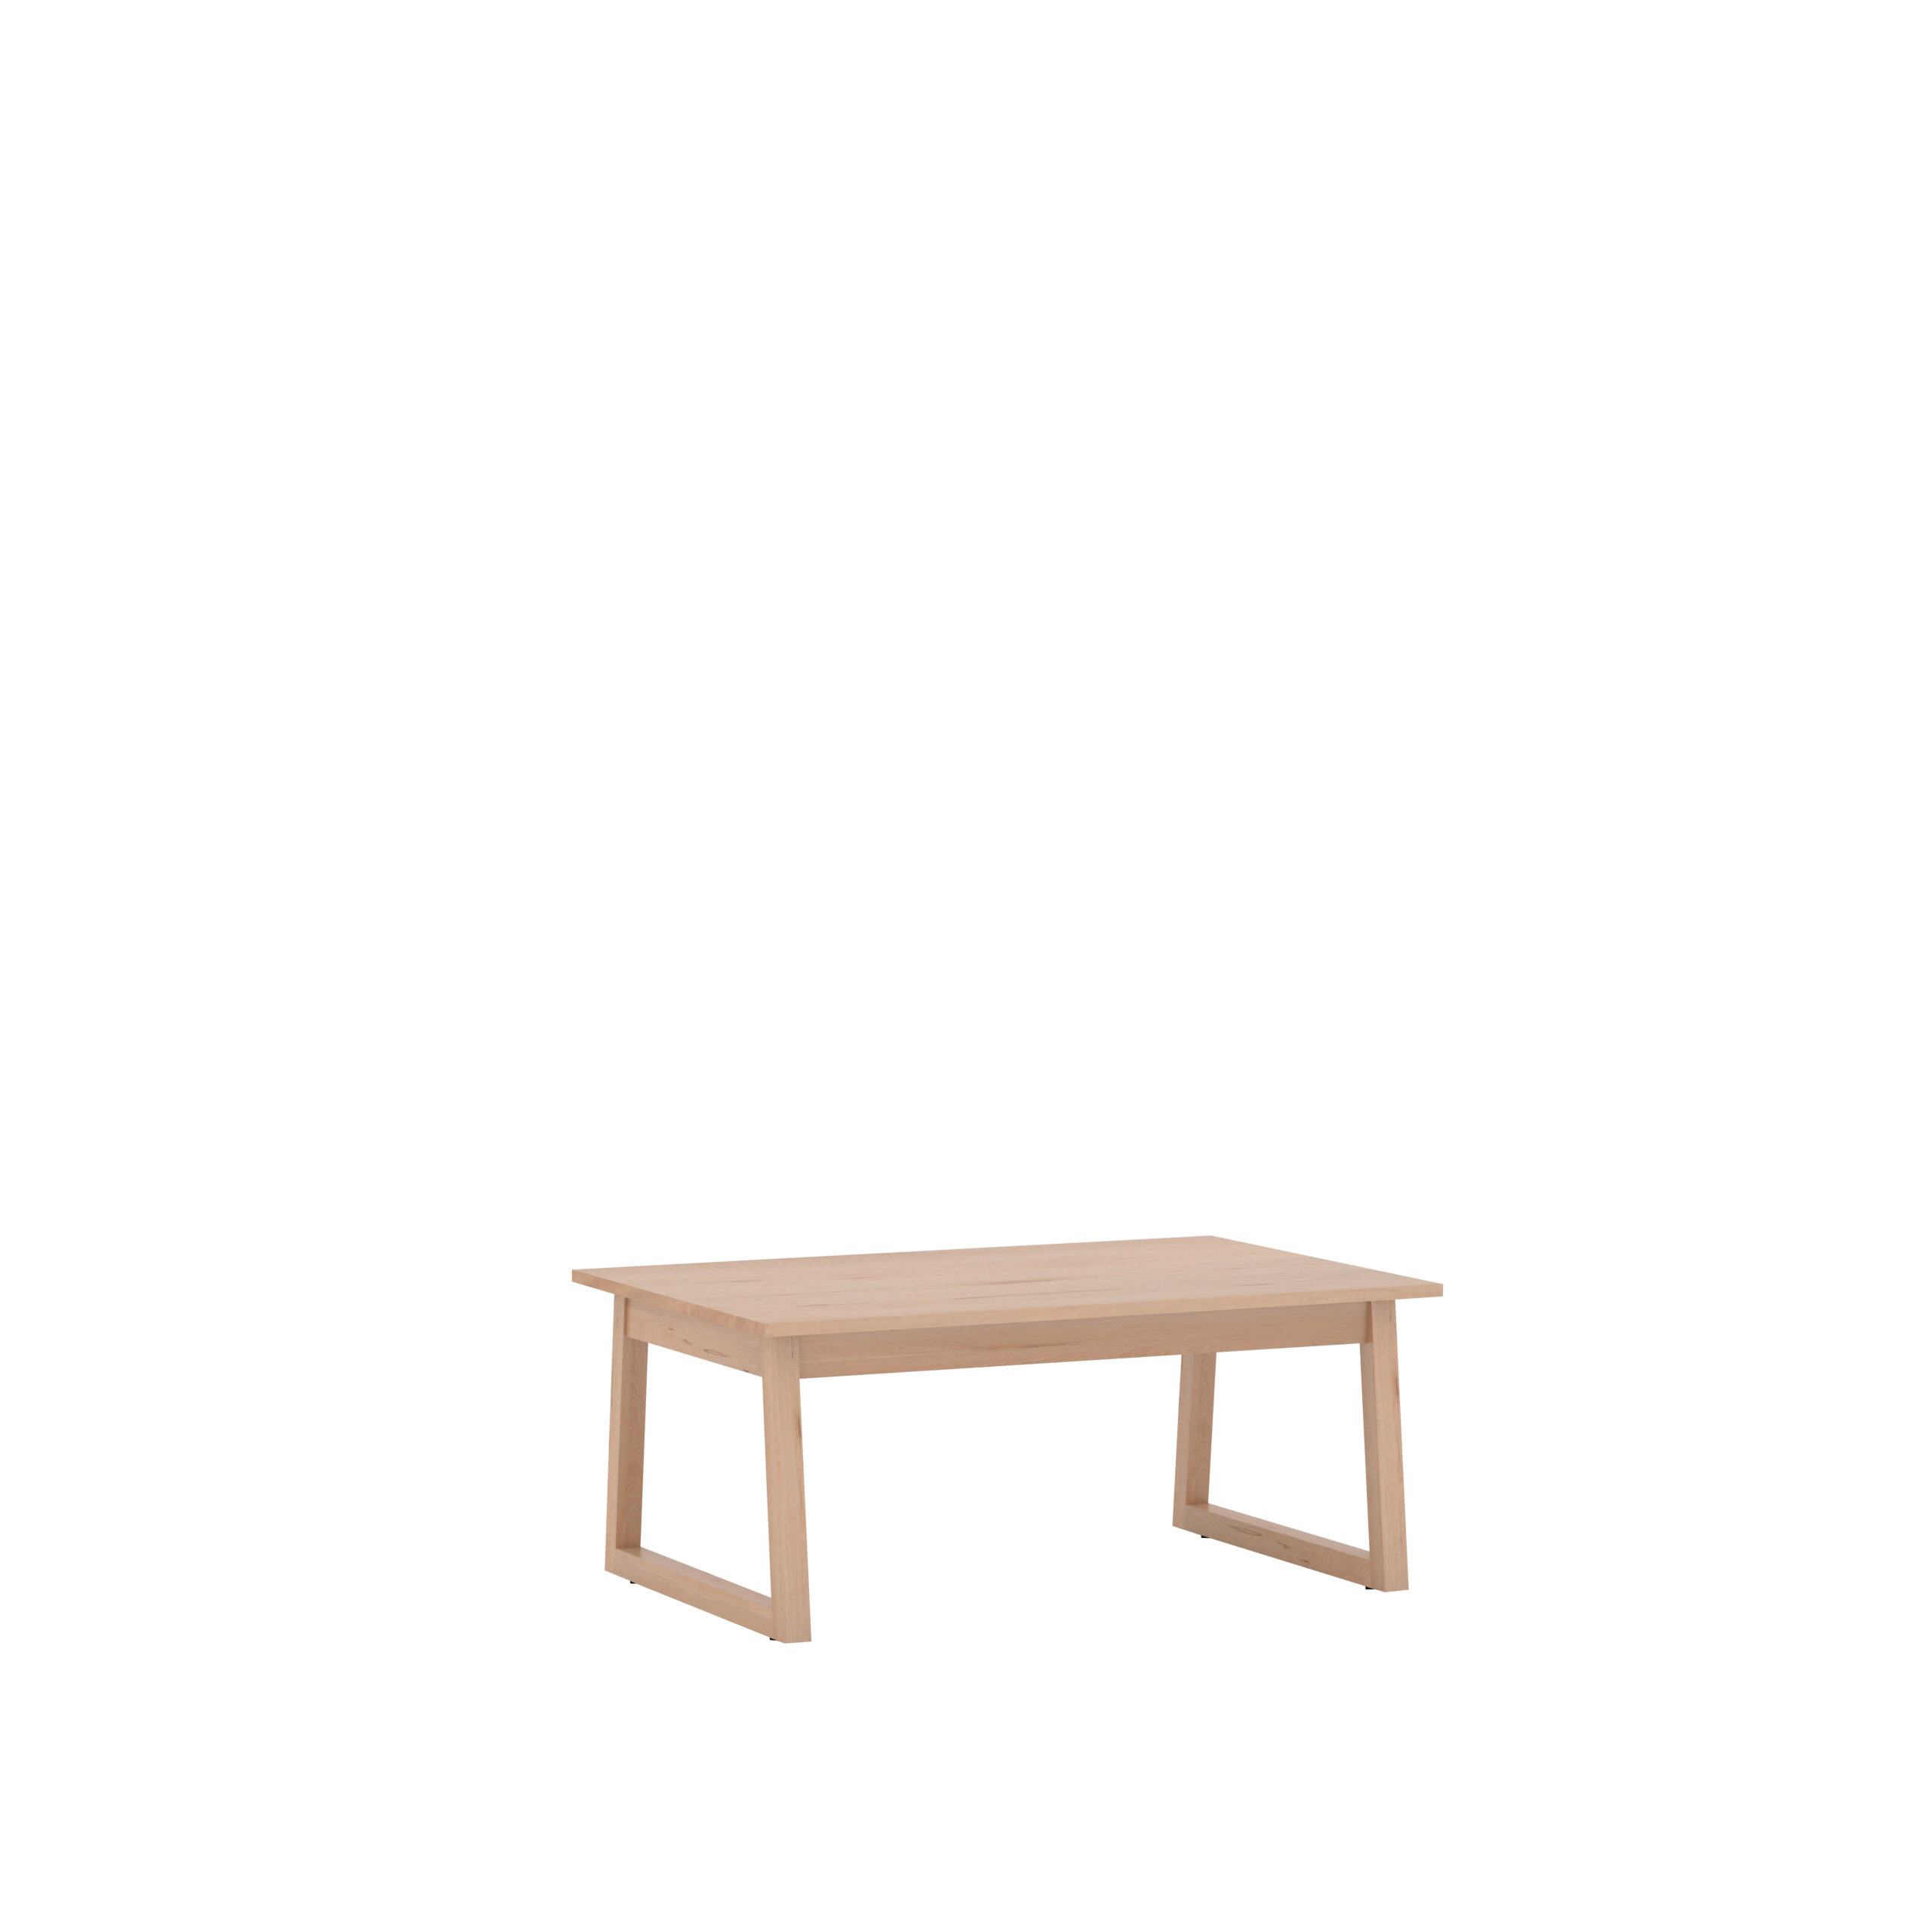 maison du monde Grande table basse en hêtre avec pieds traineaux, brut